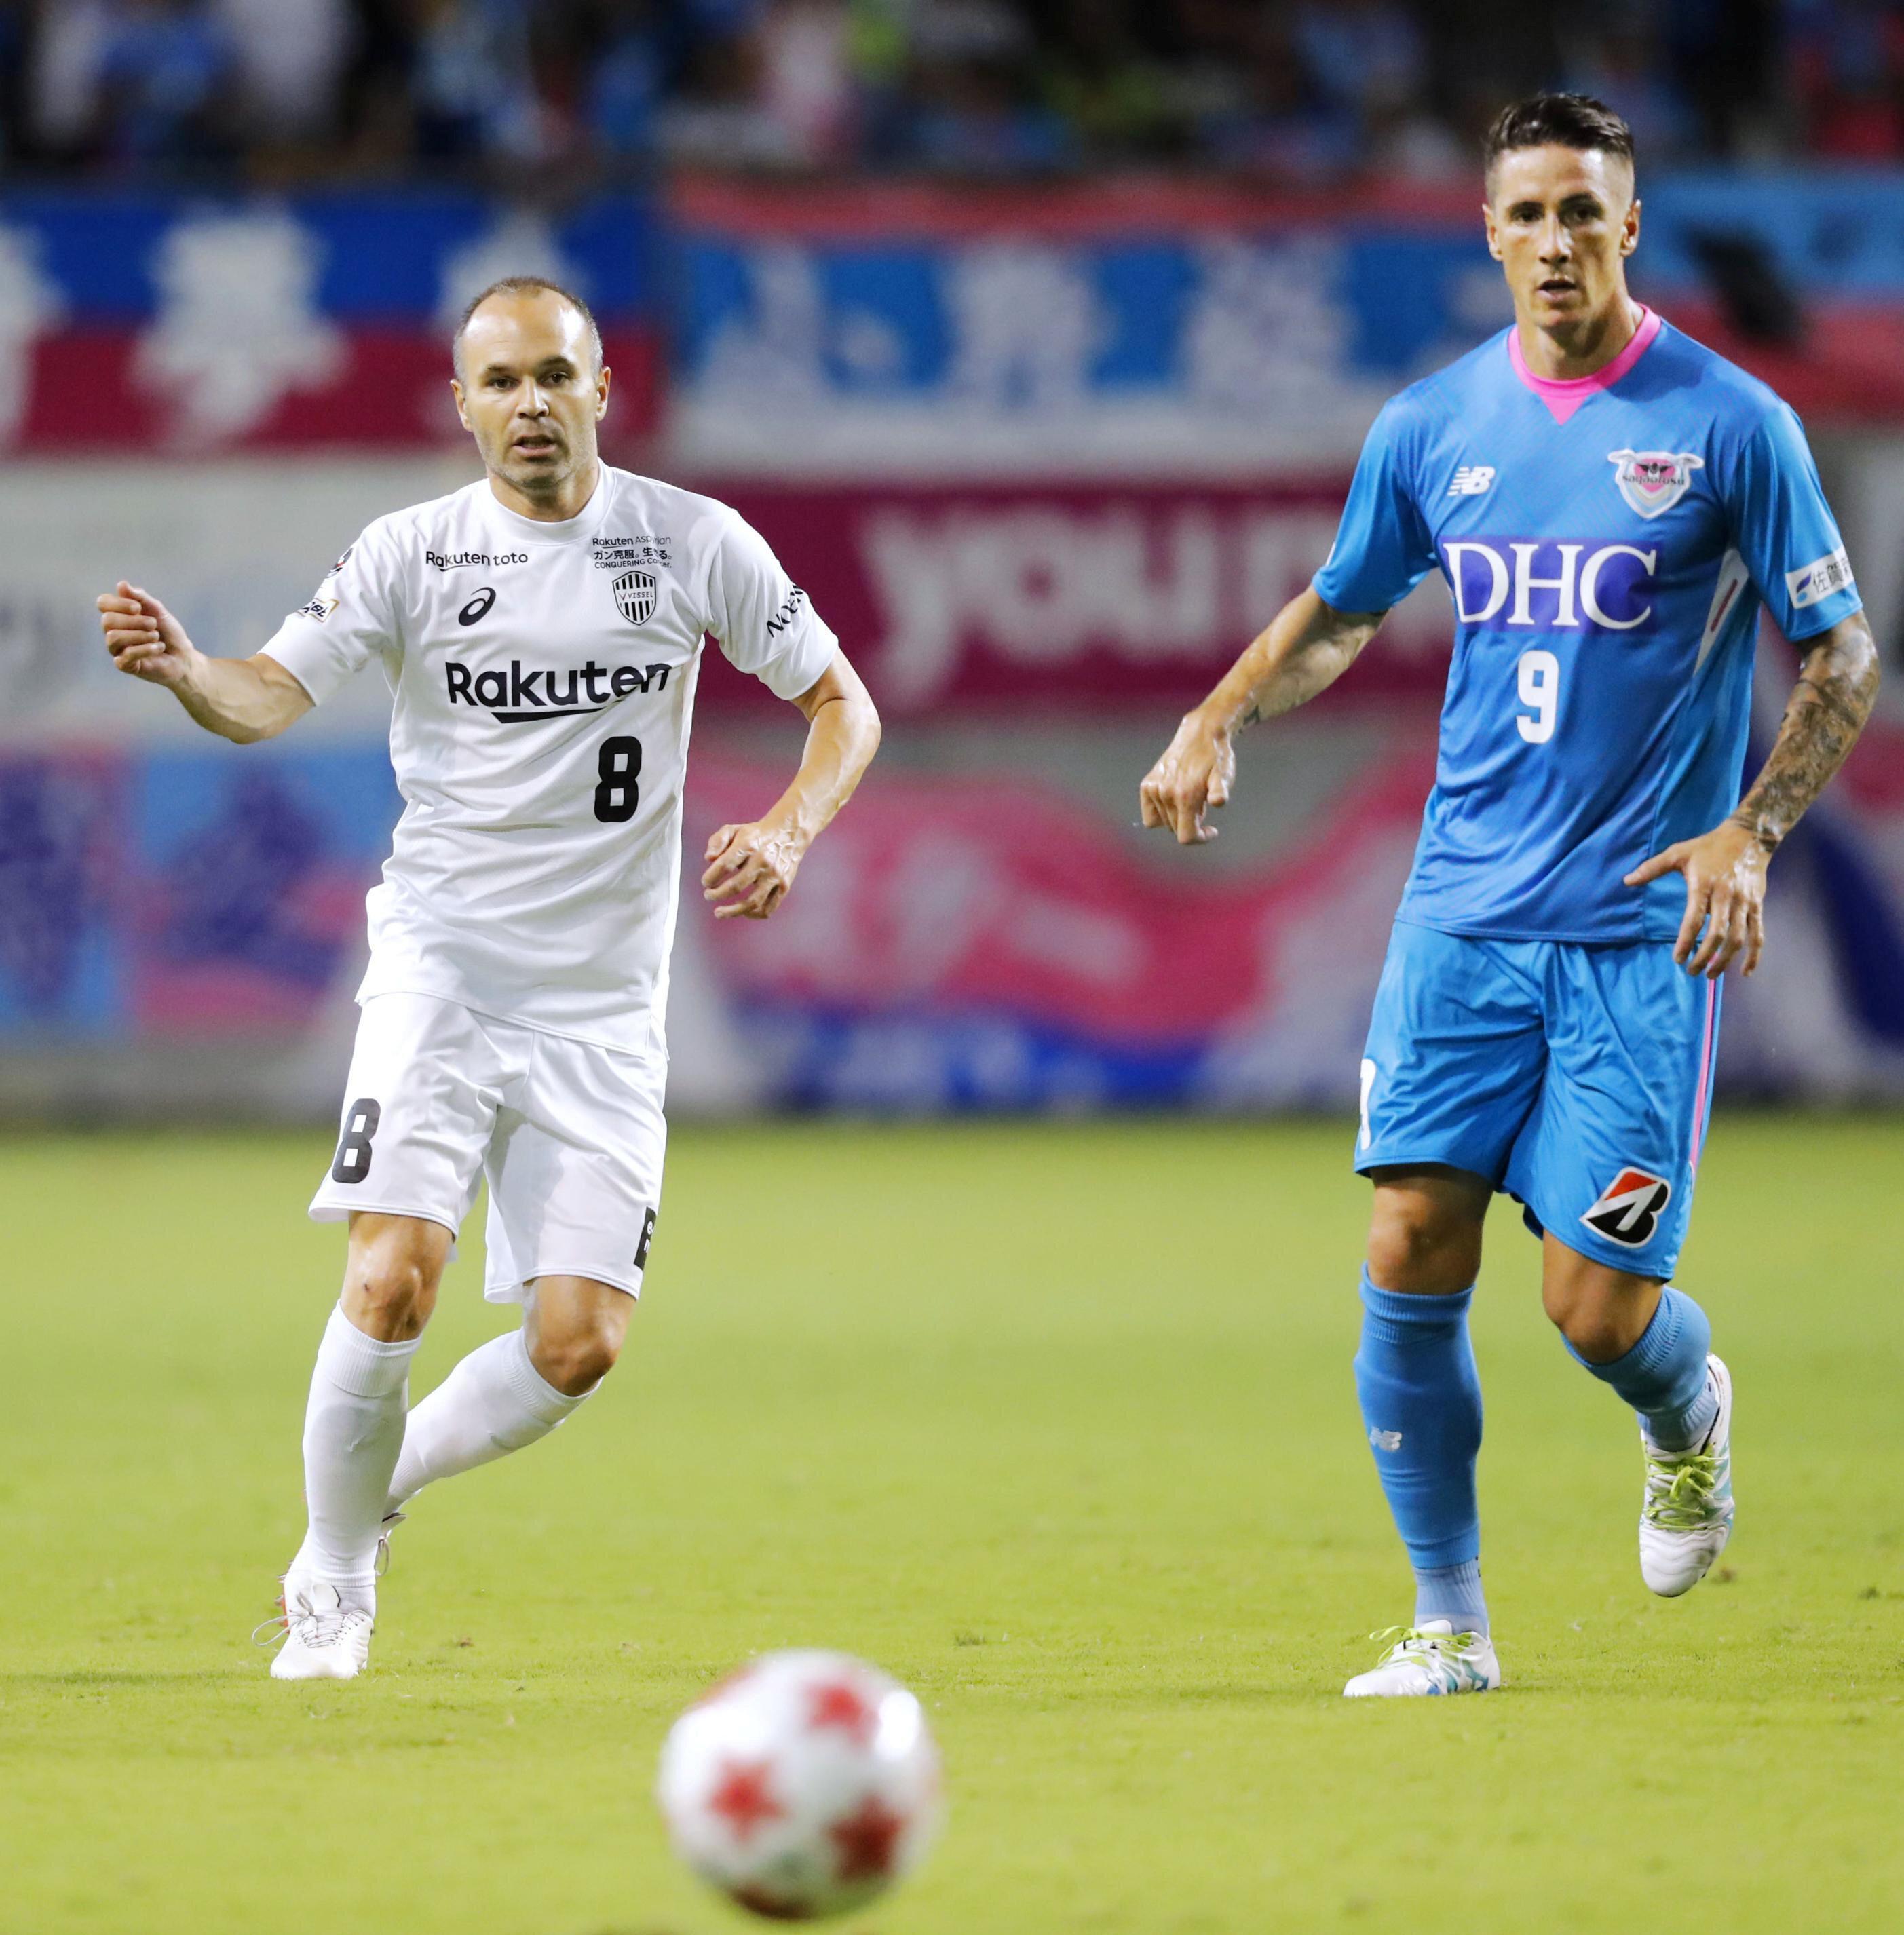 Barcelona'nın eski yıldızı, kariyerini Japonya'da sürdürüyor.